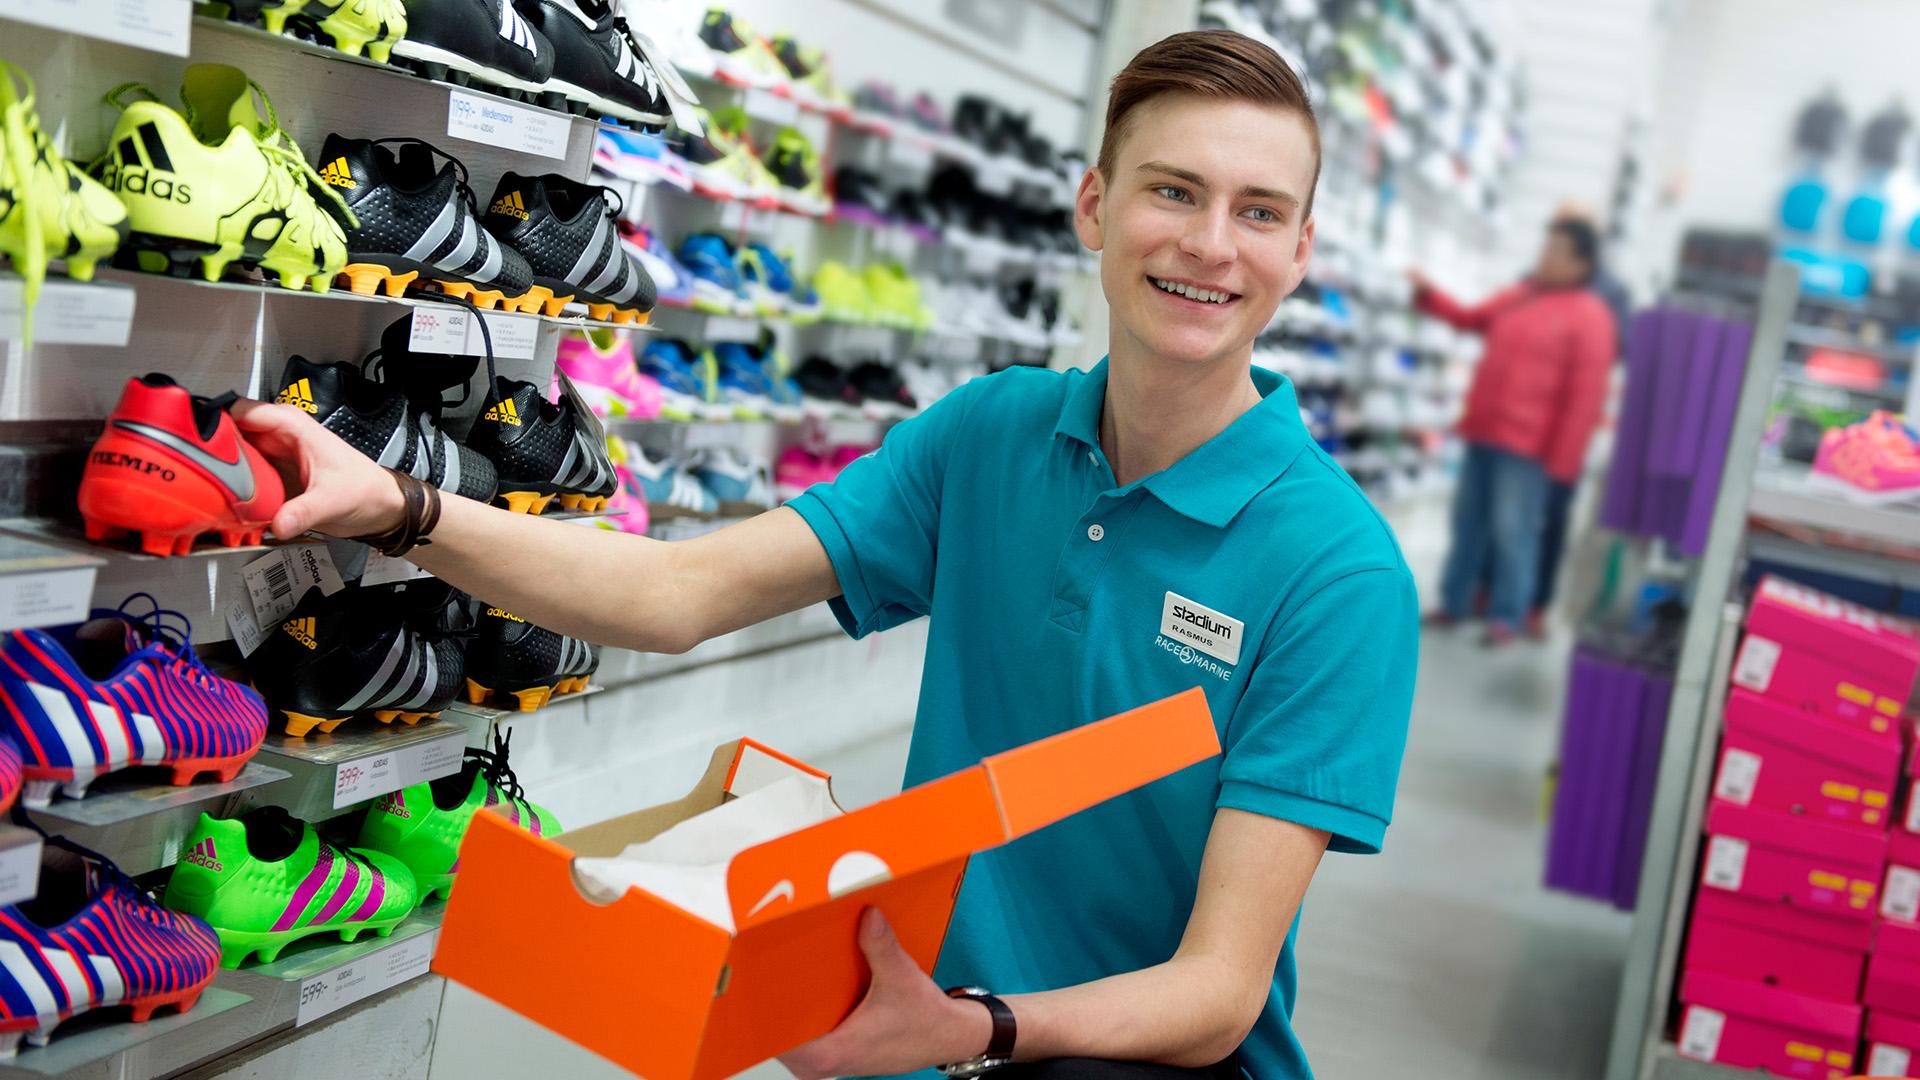 Ung man plockar upp varor i sportbutik.